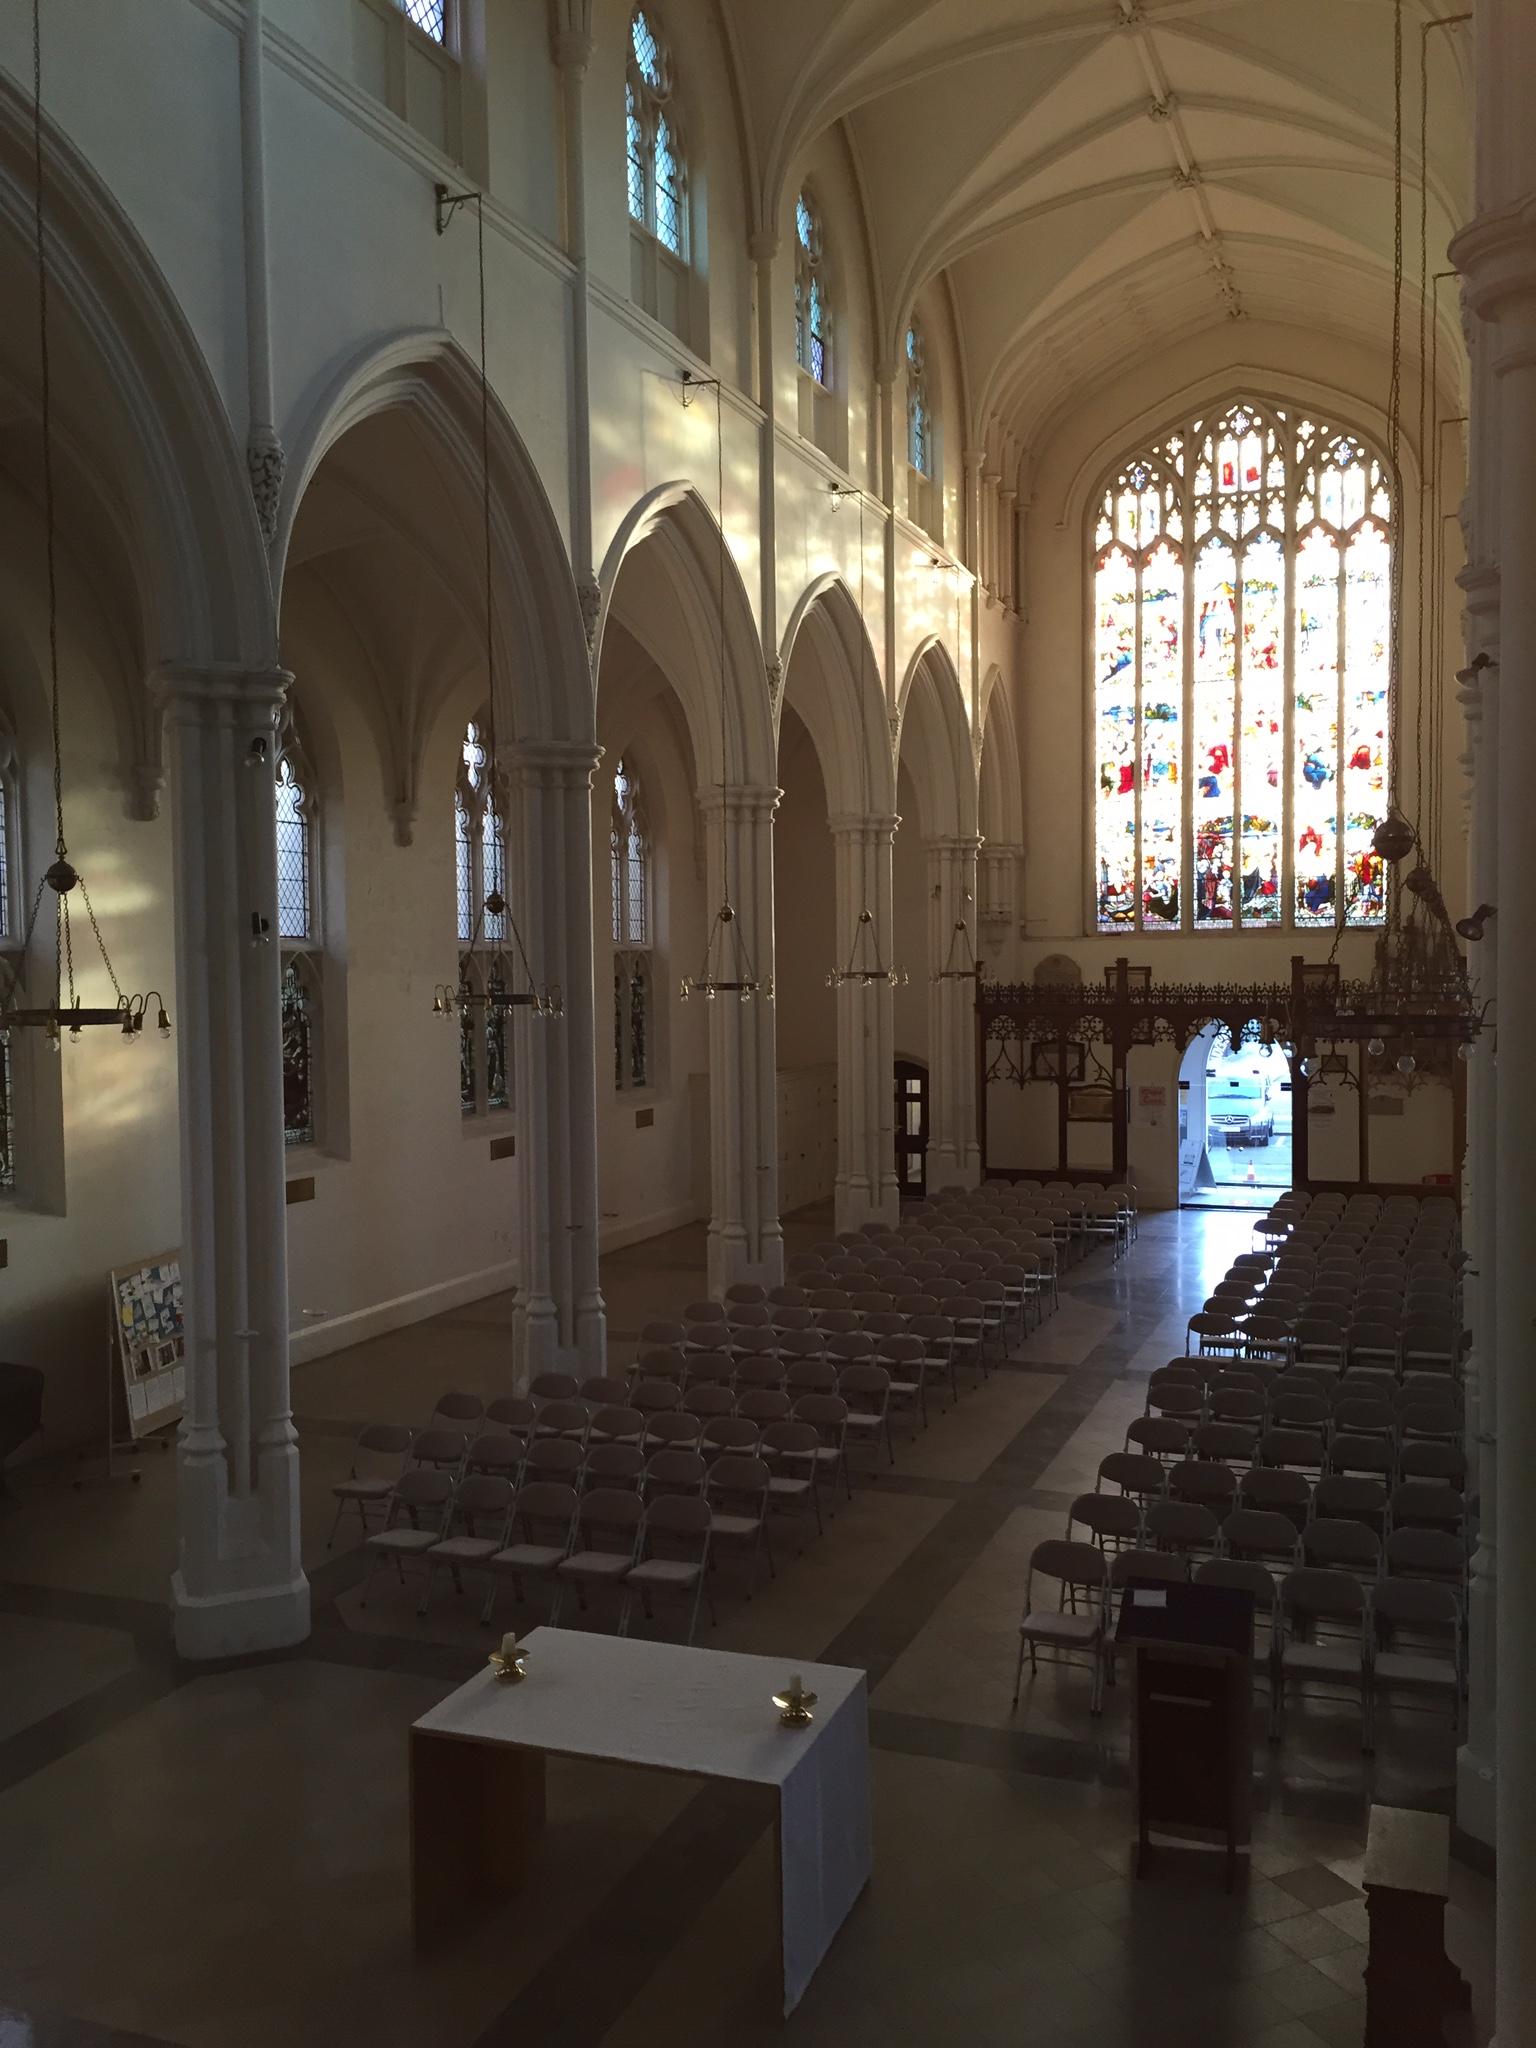 St John's interior in 2015